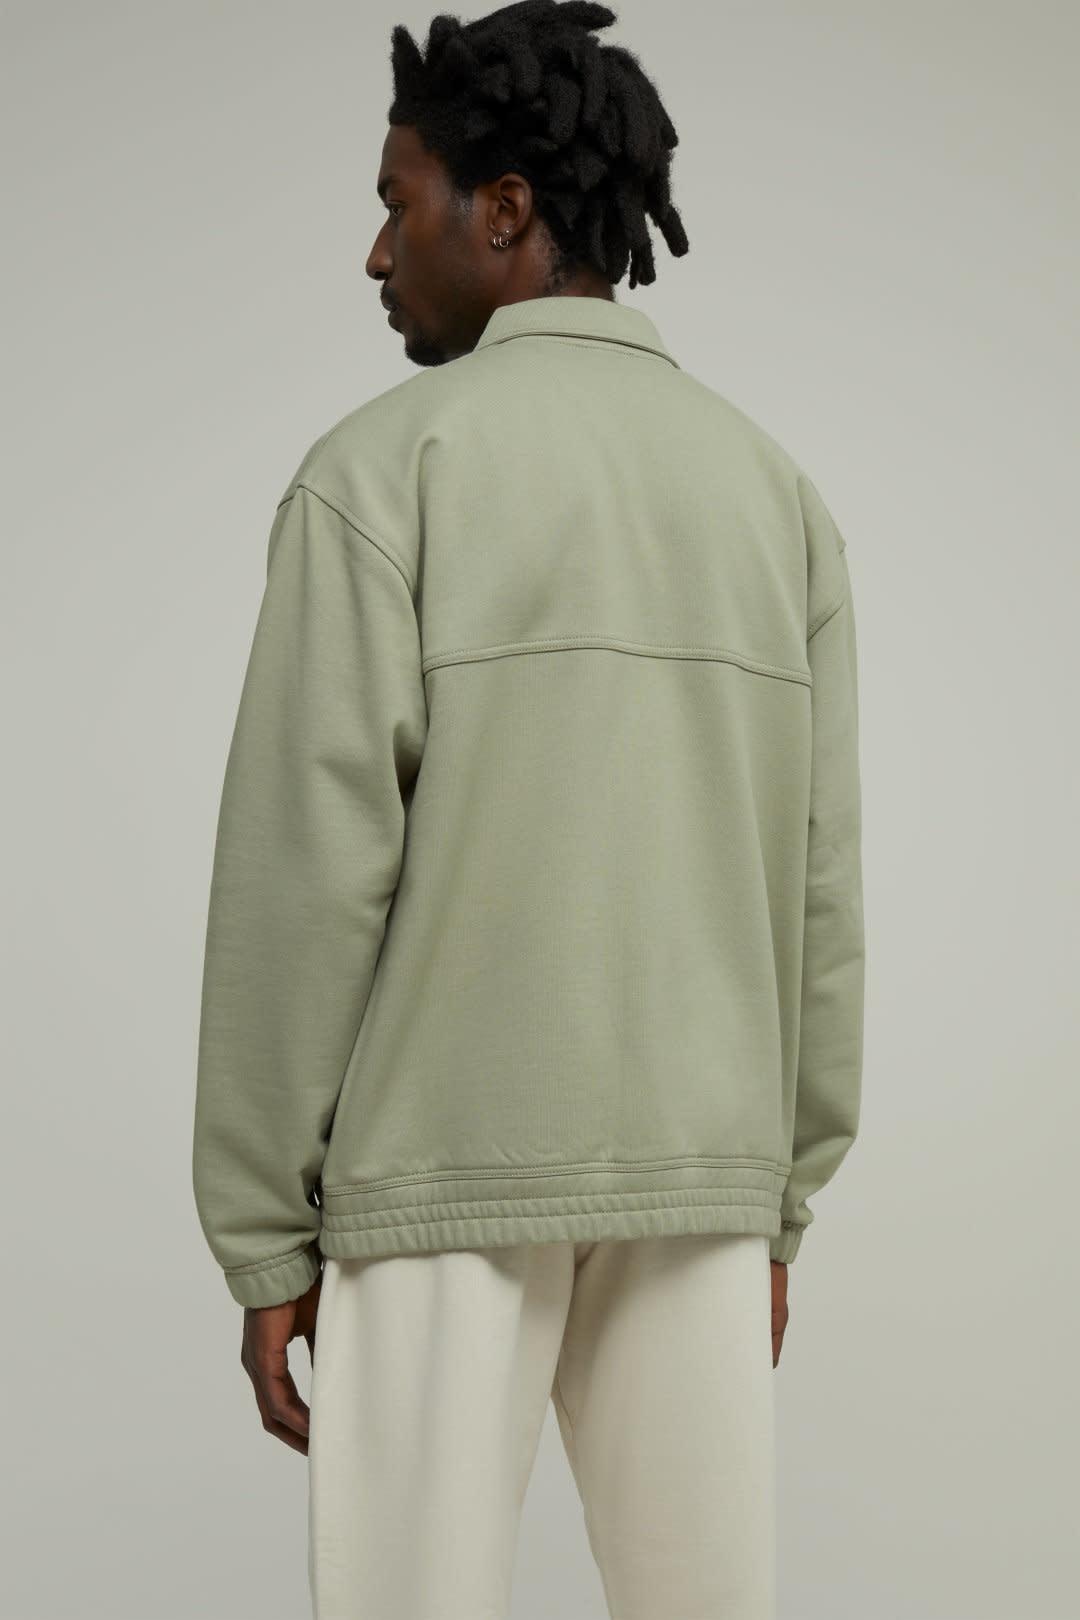 sweat jacket Pale Khaki-3